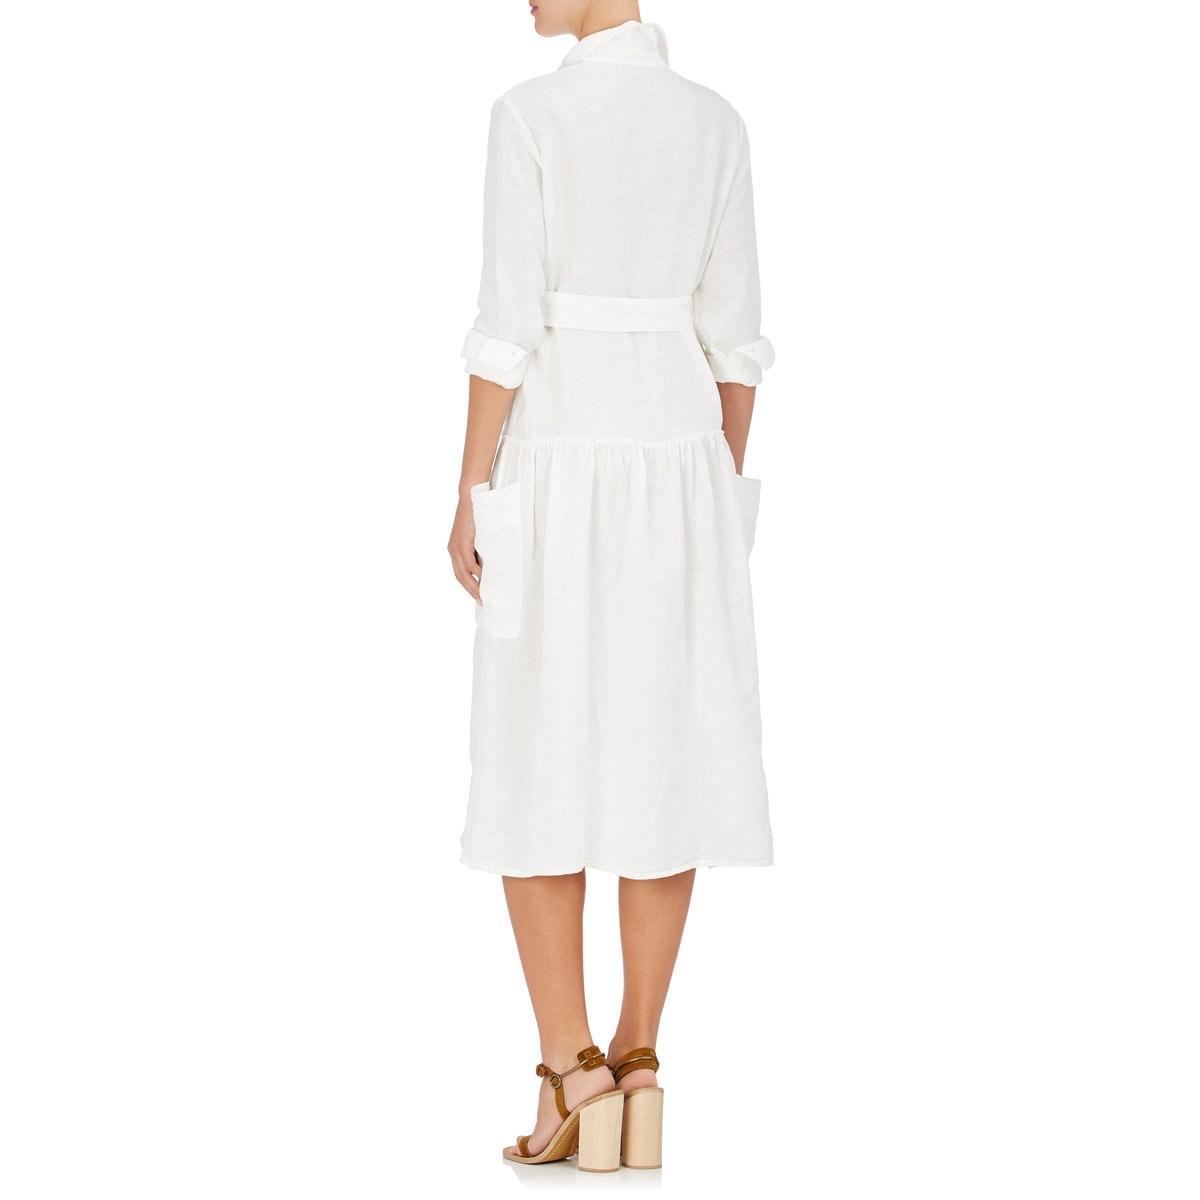 74a78836b76 Tomas Maier - White Linen Belted Shirtdress - Lyst. View fullscreen